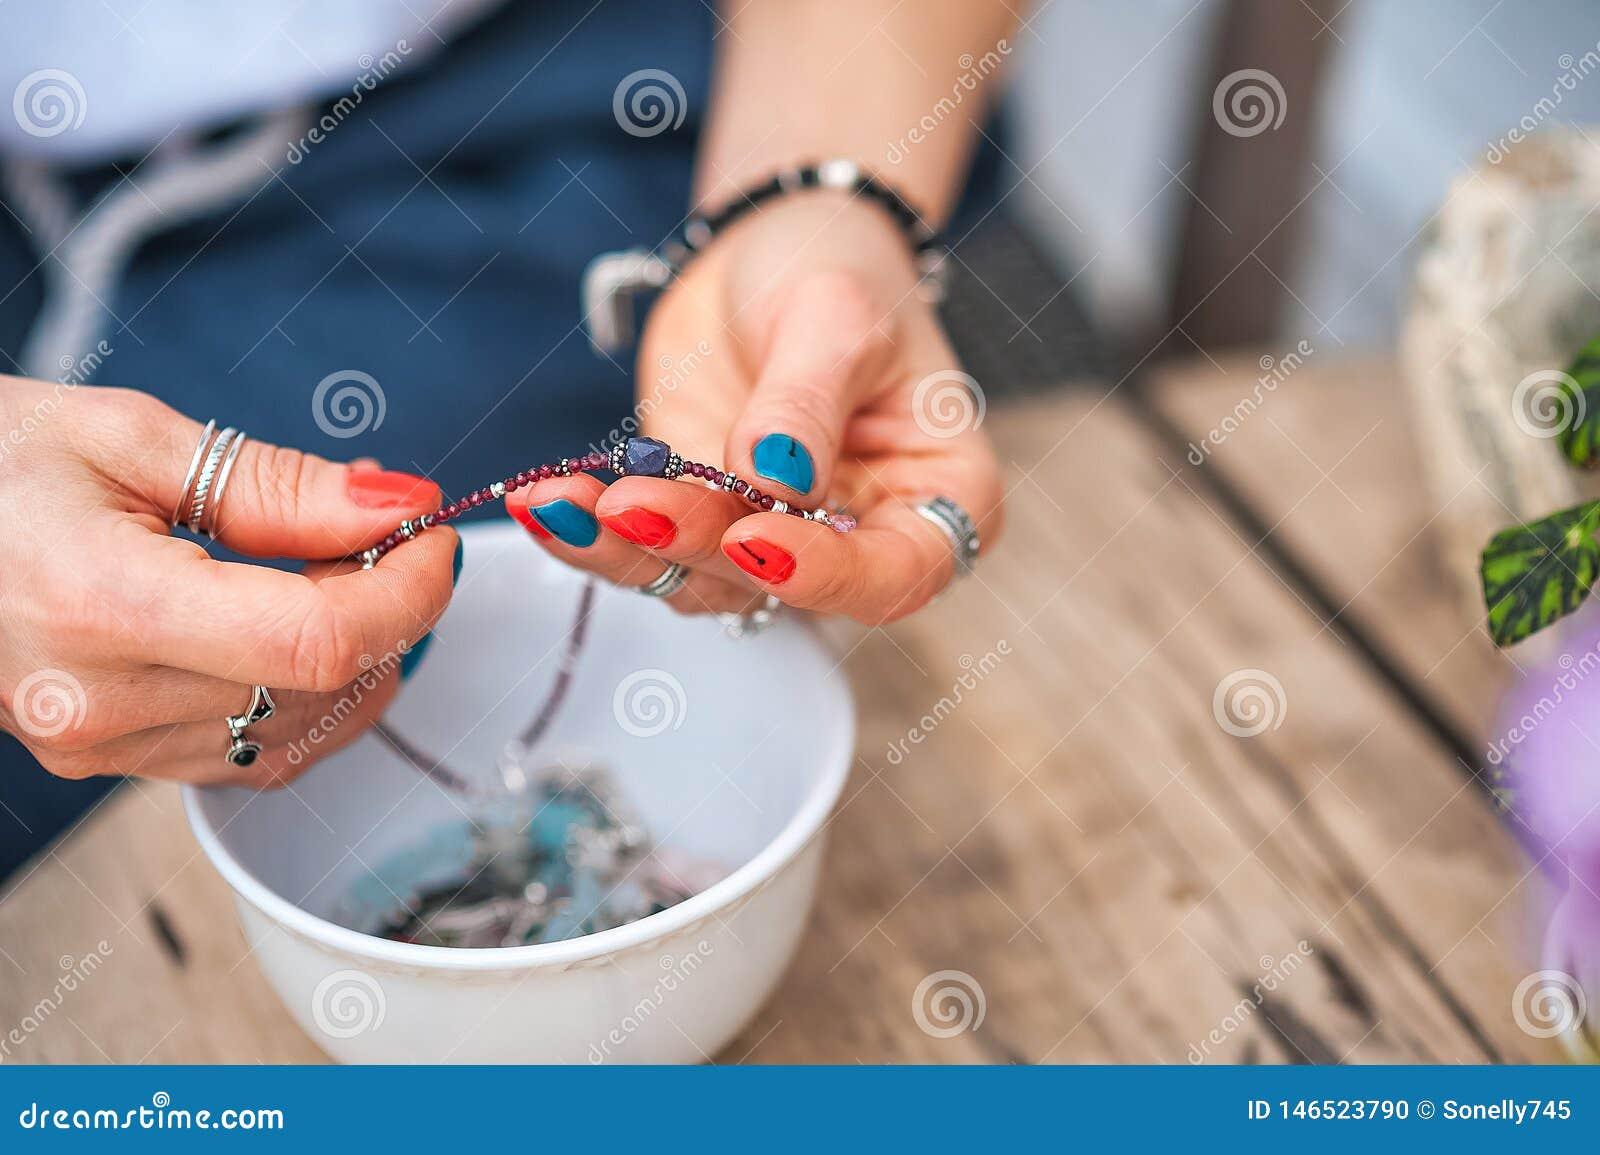 Les mains du contact de fille les bijoux faits main Fille et bijoux La femme faite main décorant des pierres se ferment